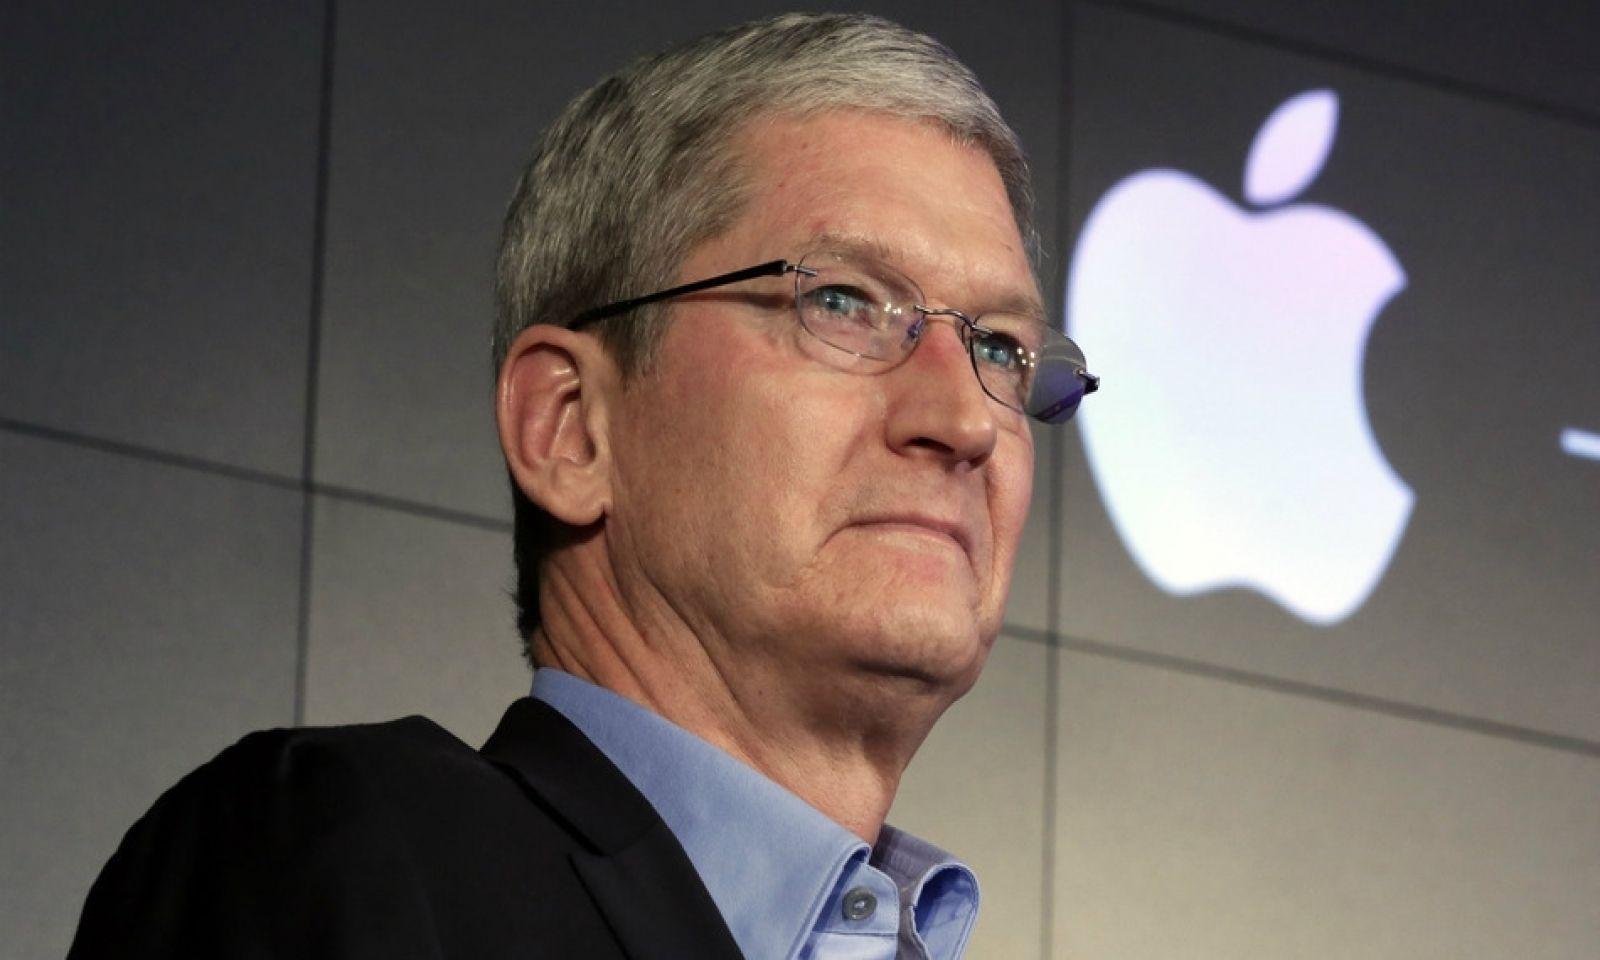 Apple ввела цензуру вiTunes и устраняет подкасты